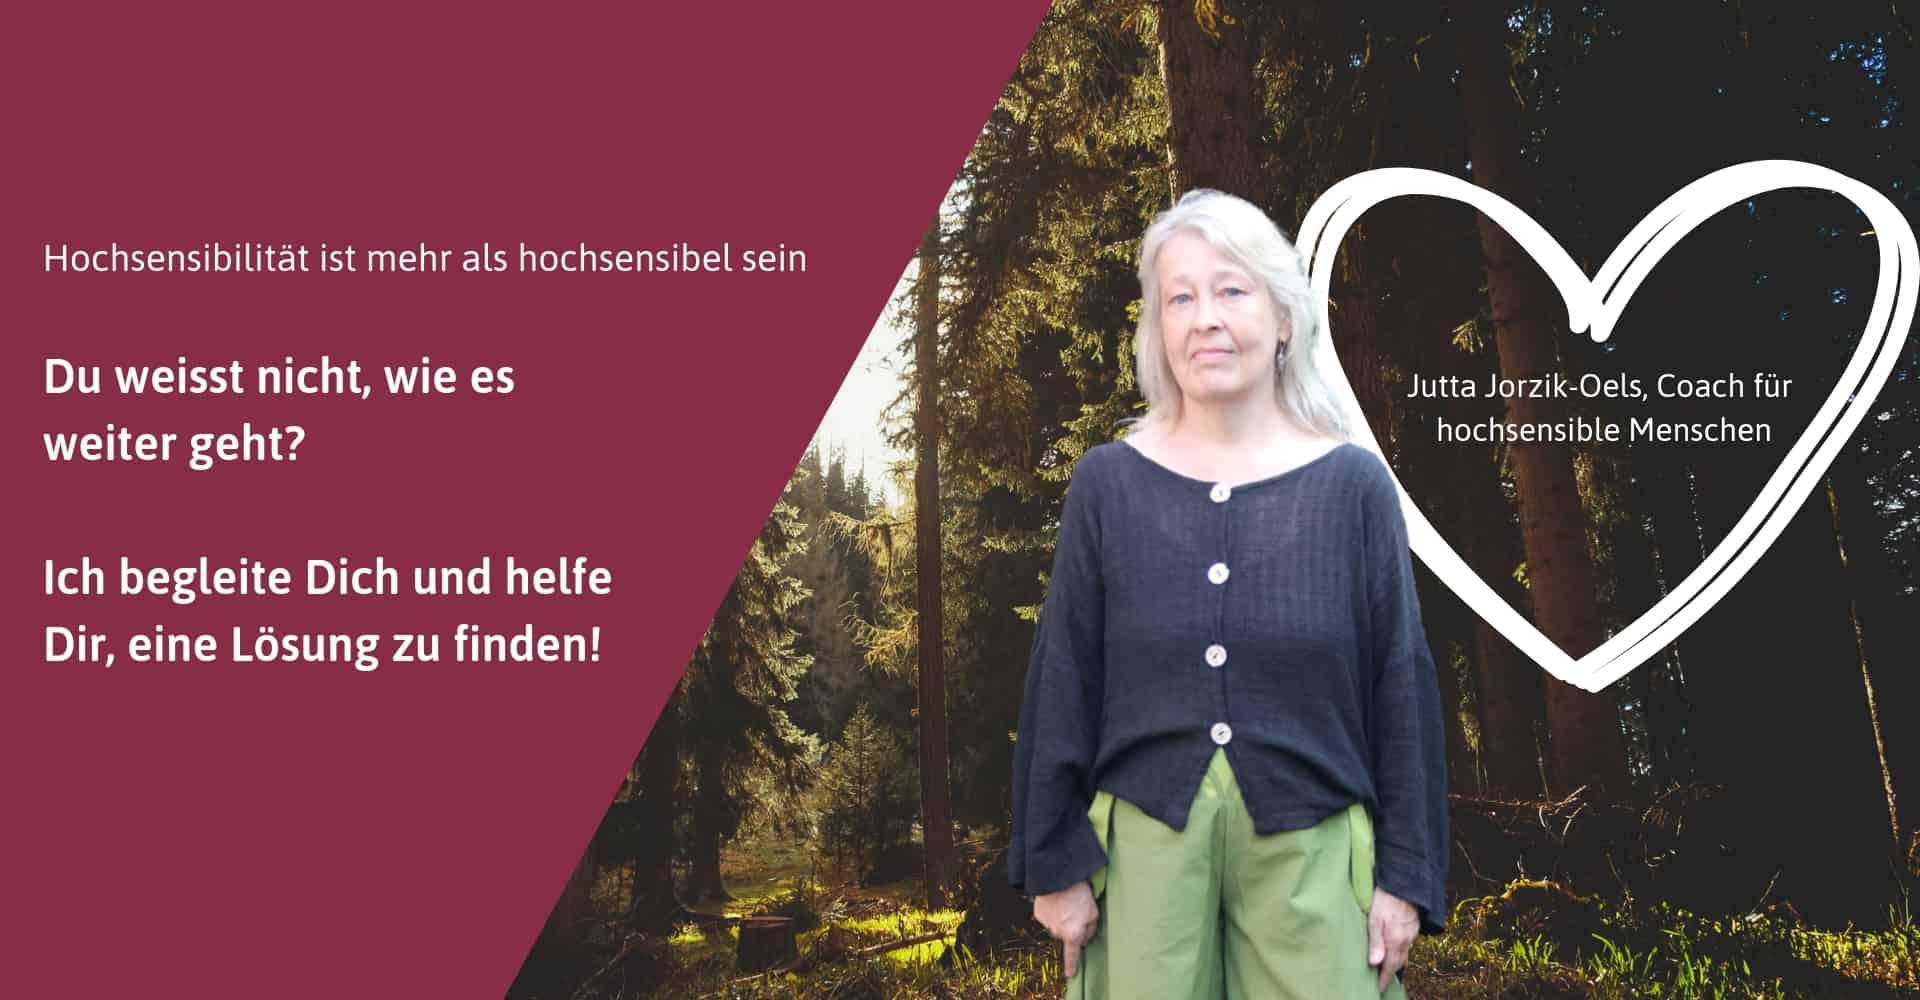 Hauptsache herzbewegt, Jutta Jorzik-Oels, Coach für hochsensible Menschen